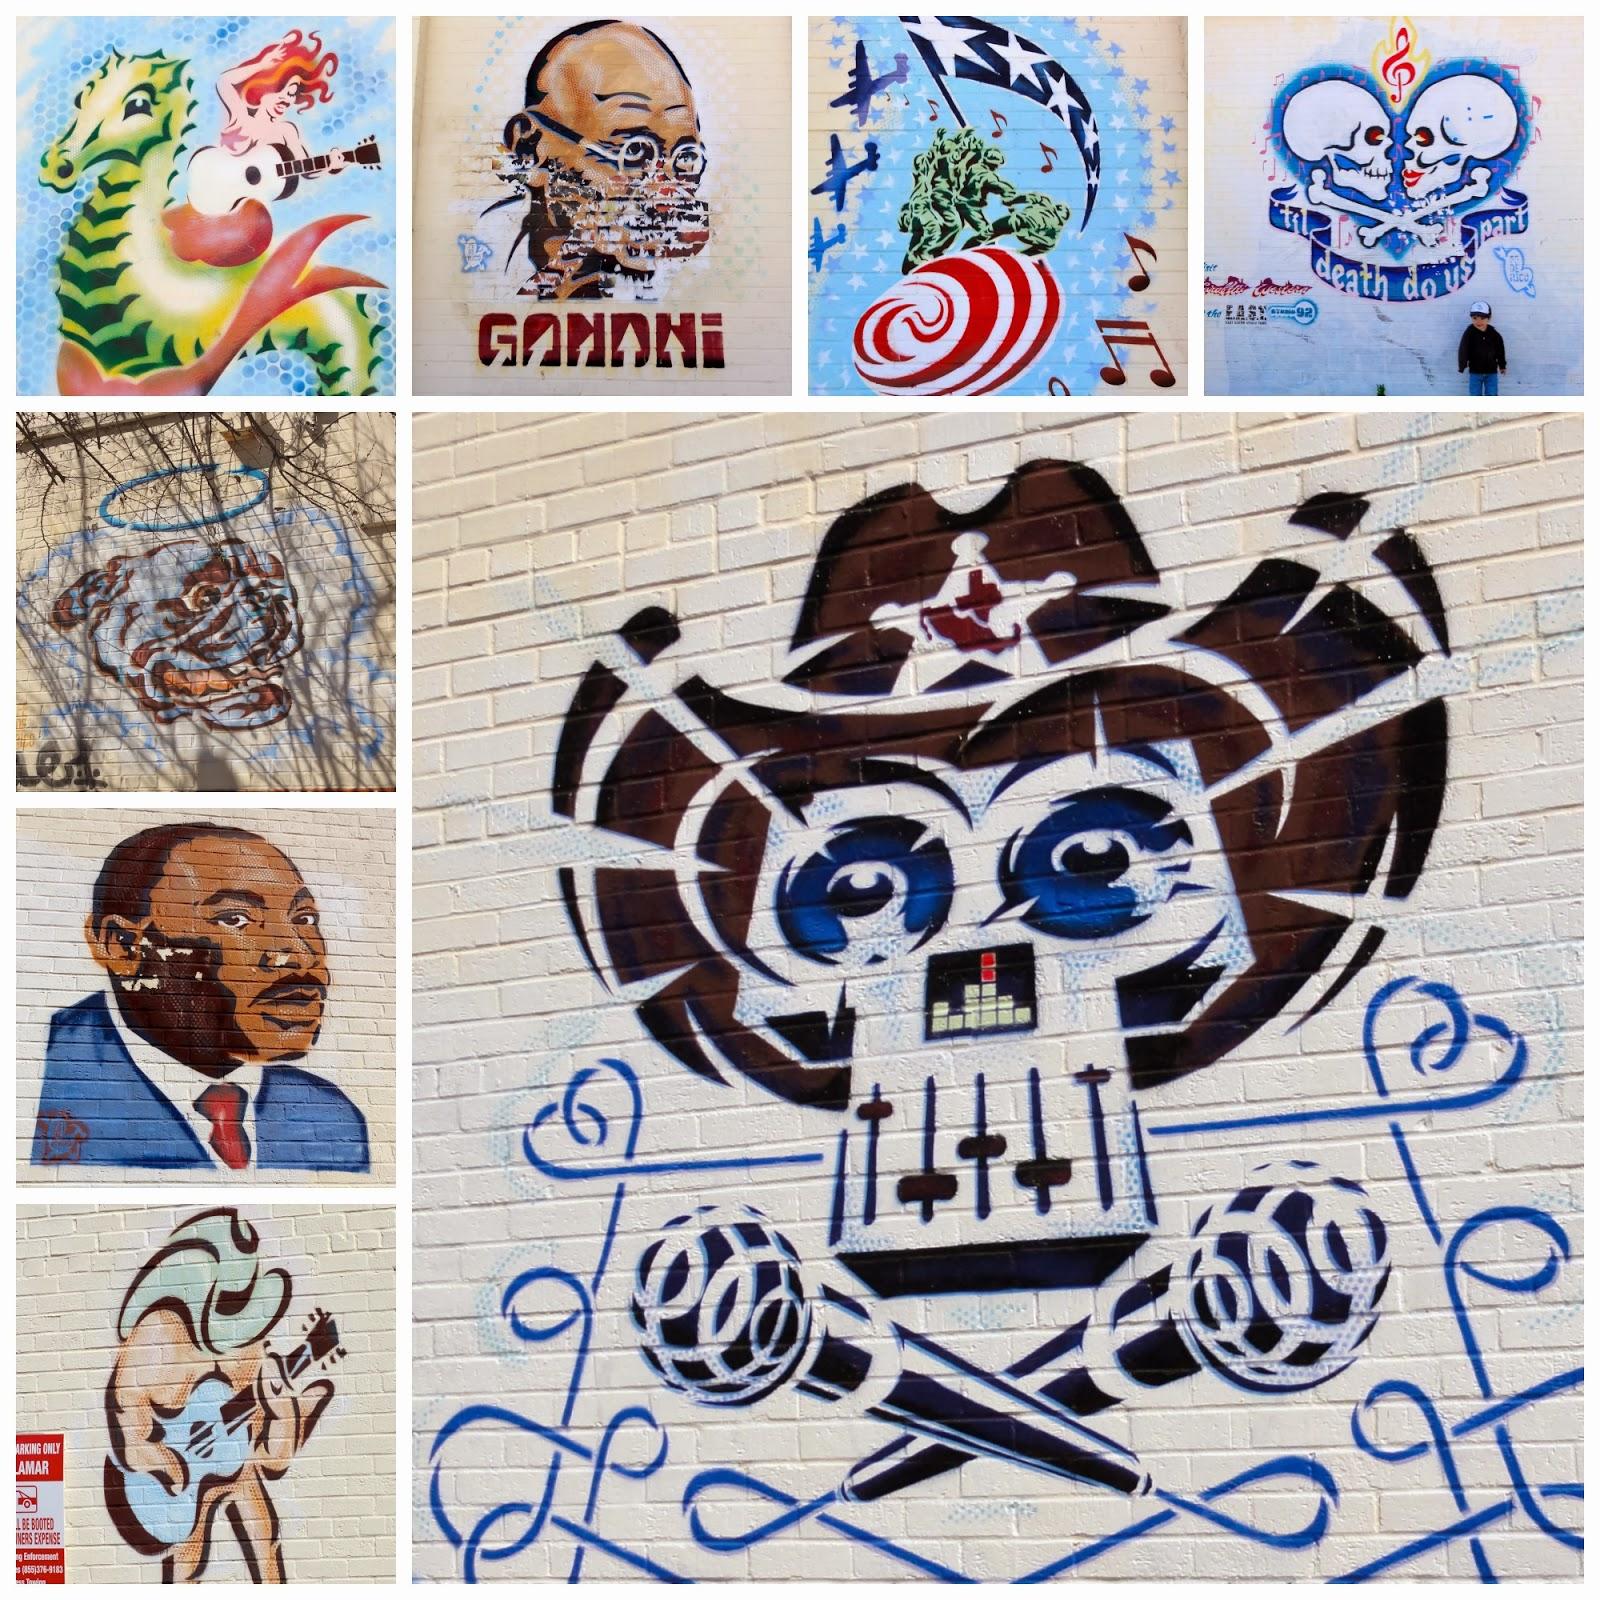 Exploring Austin Street Art: Graffiti, Murals, & Mosaics